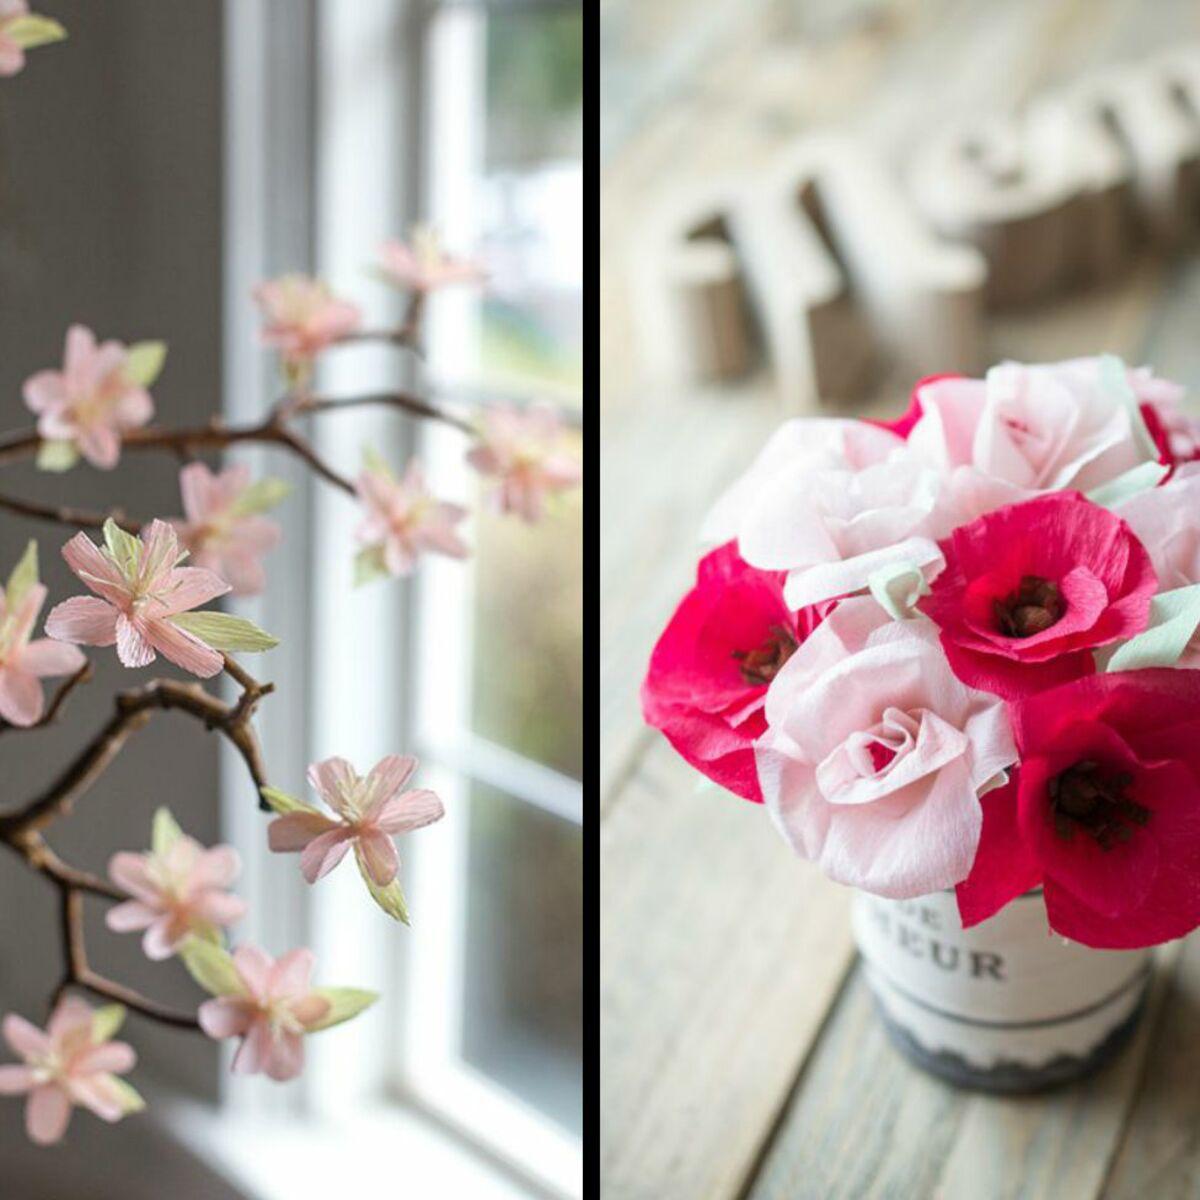 30 Idees De Decorations De Mariage En Papier Crepon Reperees Sur Pinterest Femme Actuelle Le Mag